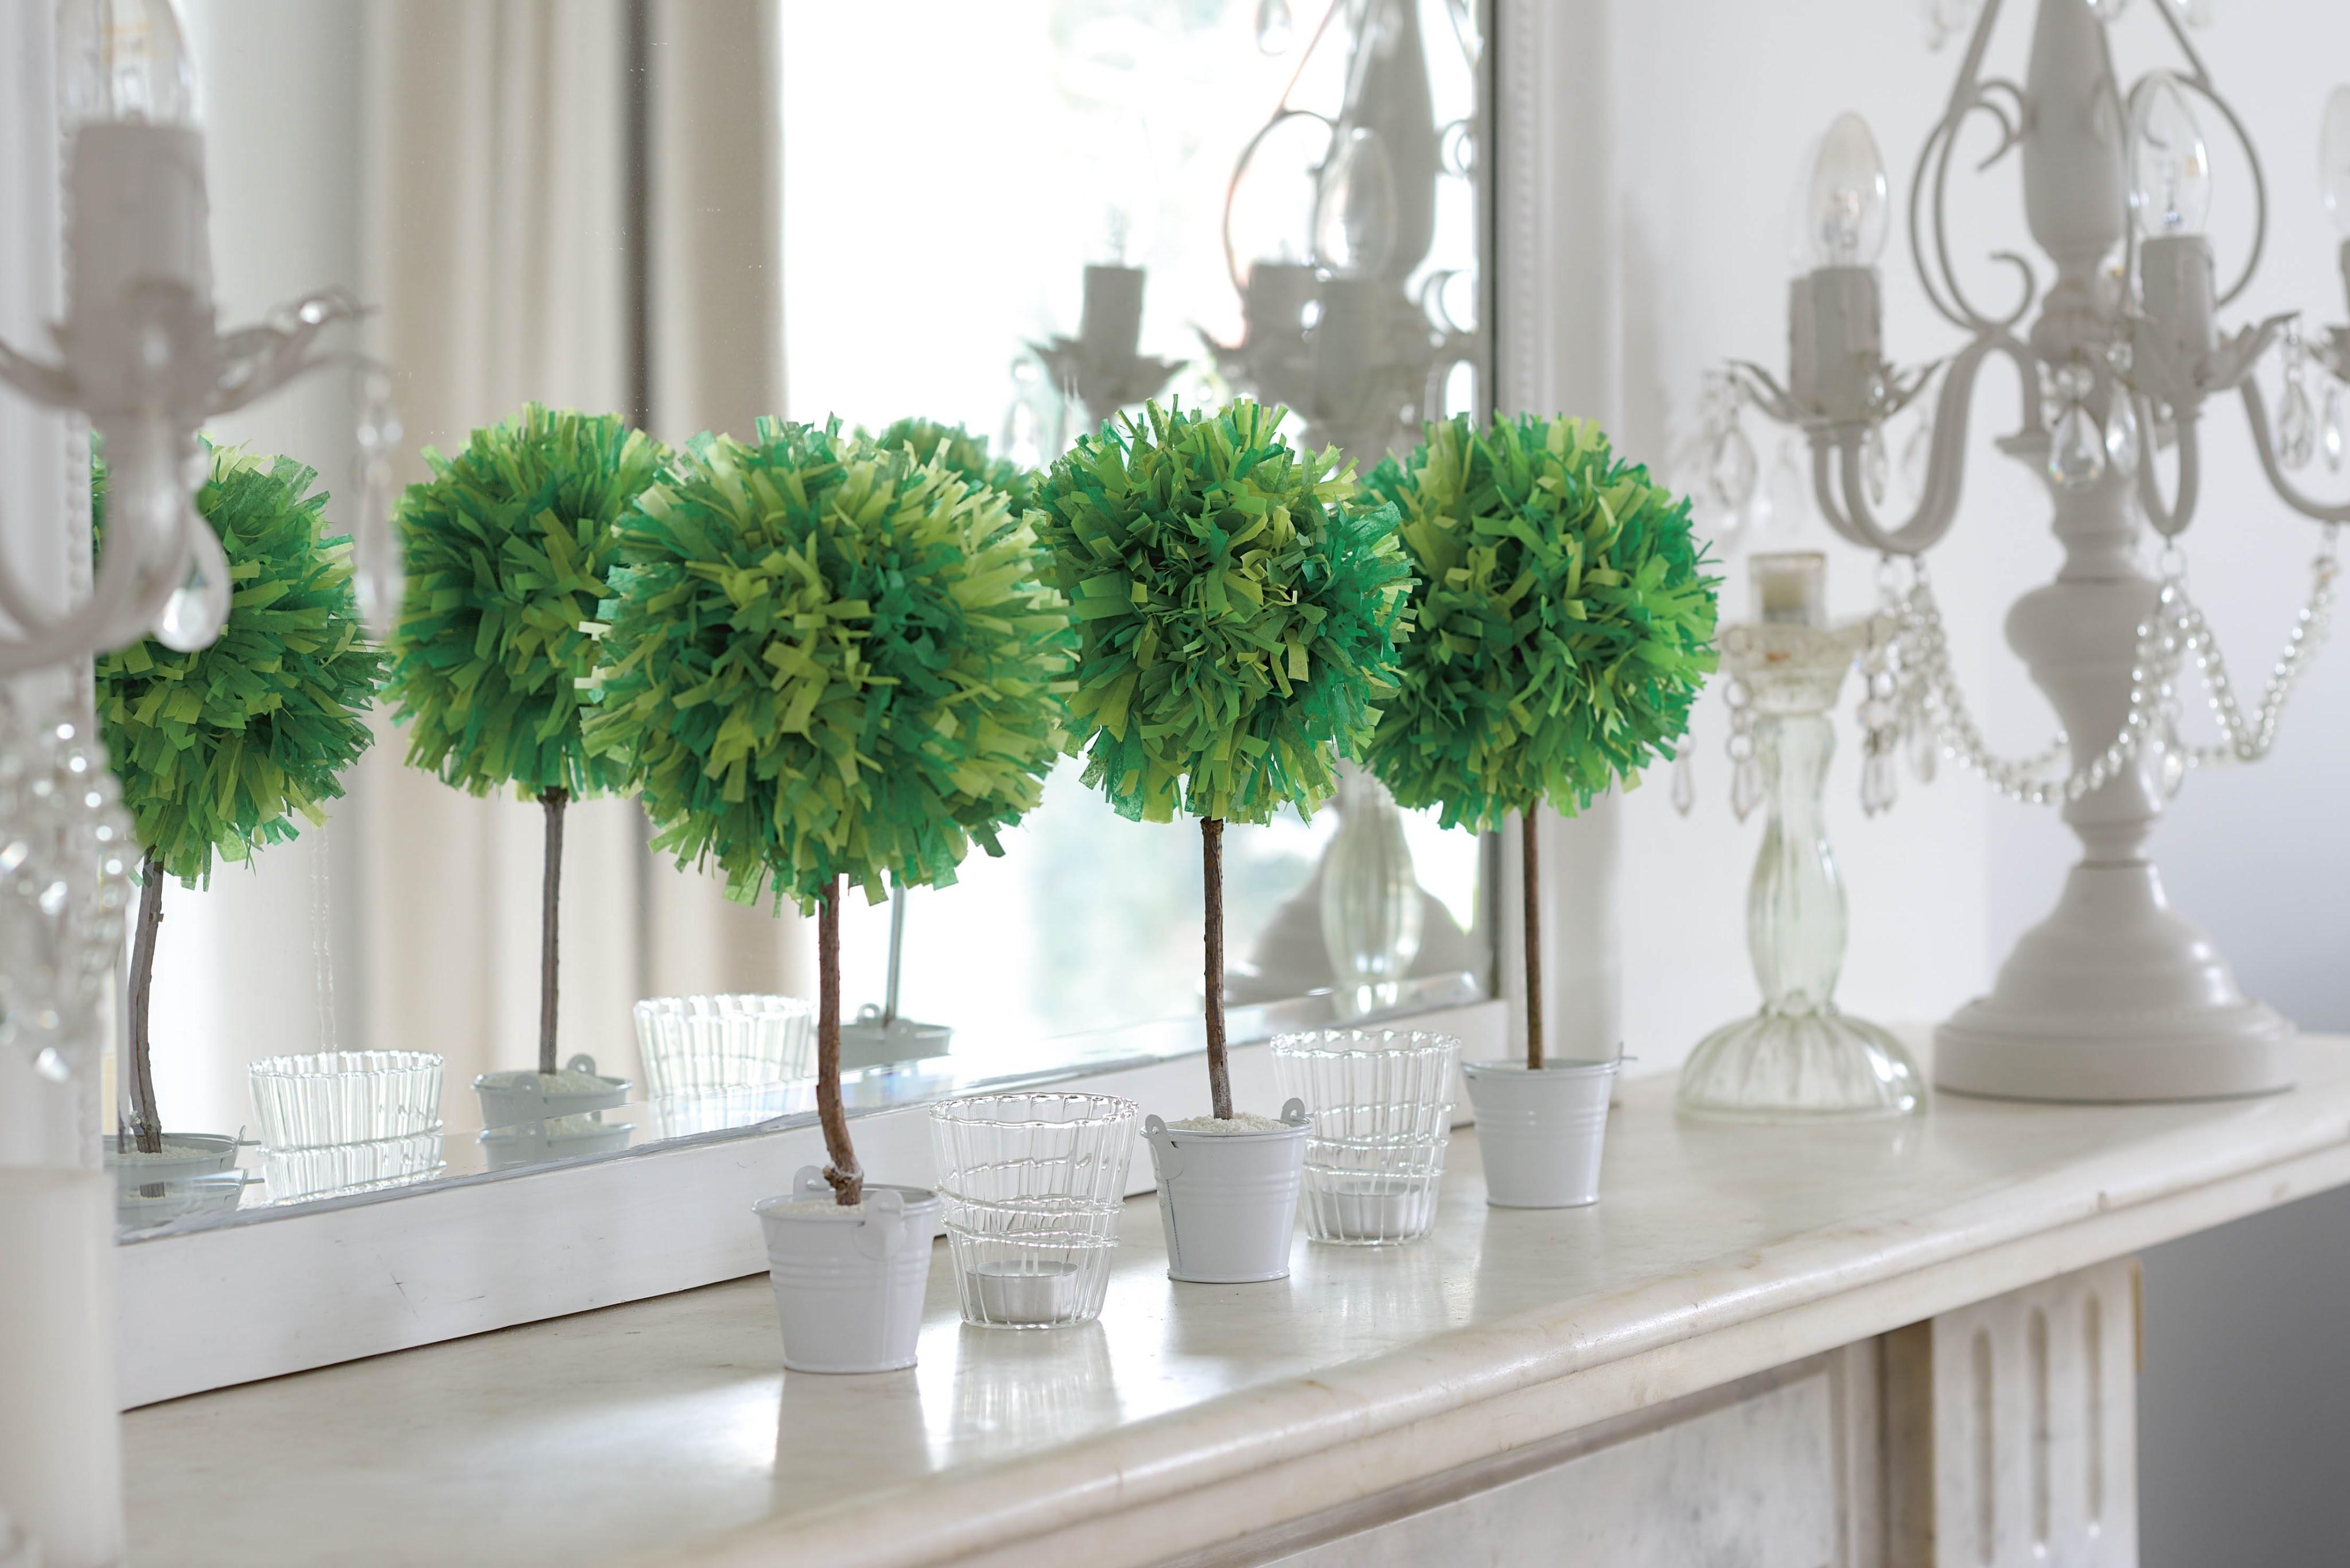 Arts Crafts _ How to Make a Paper Pom-Pom House Plant